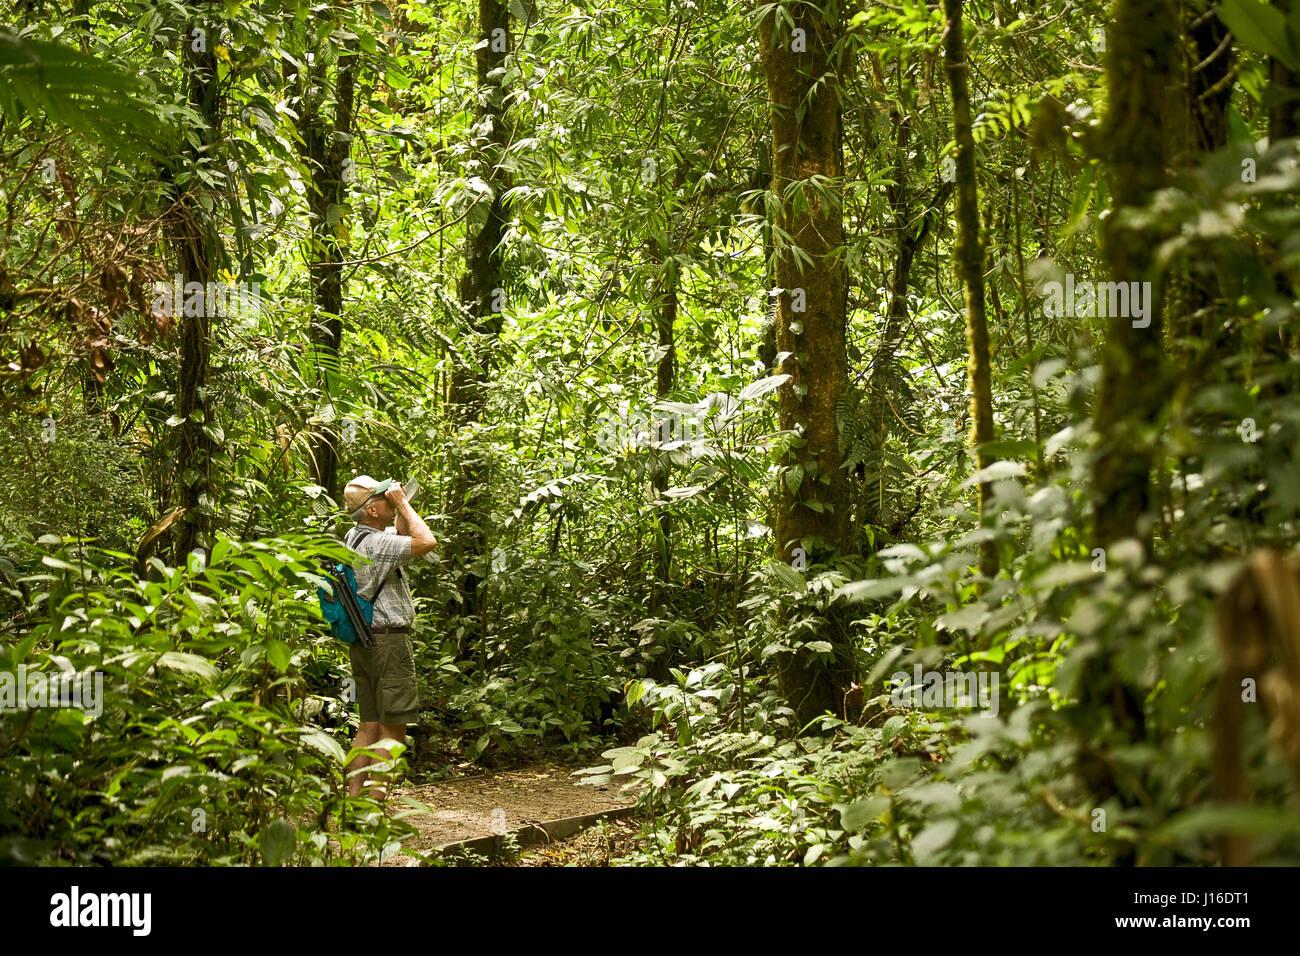 Ein männlicher wanderer blick durch ein fernglas in monteverde